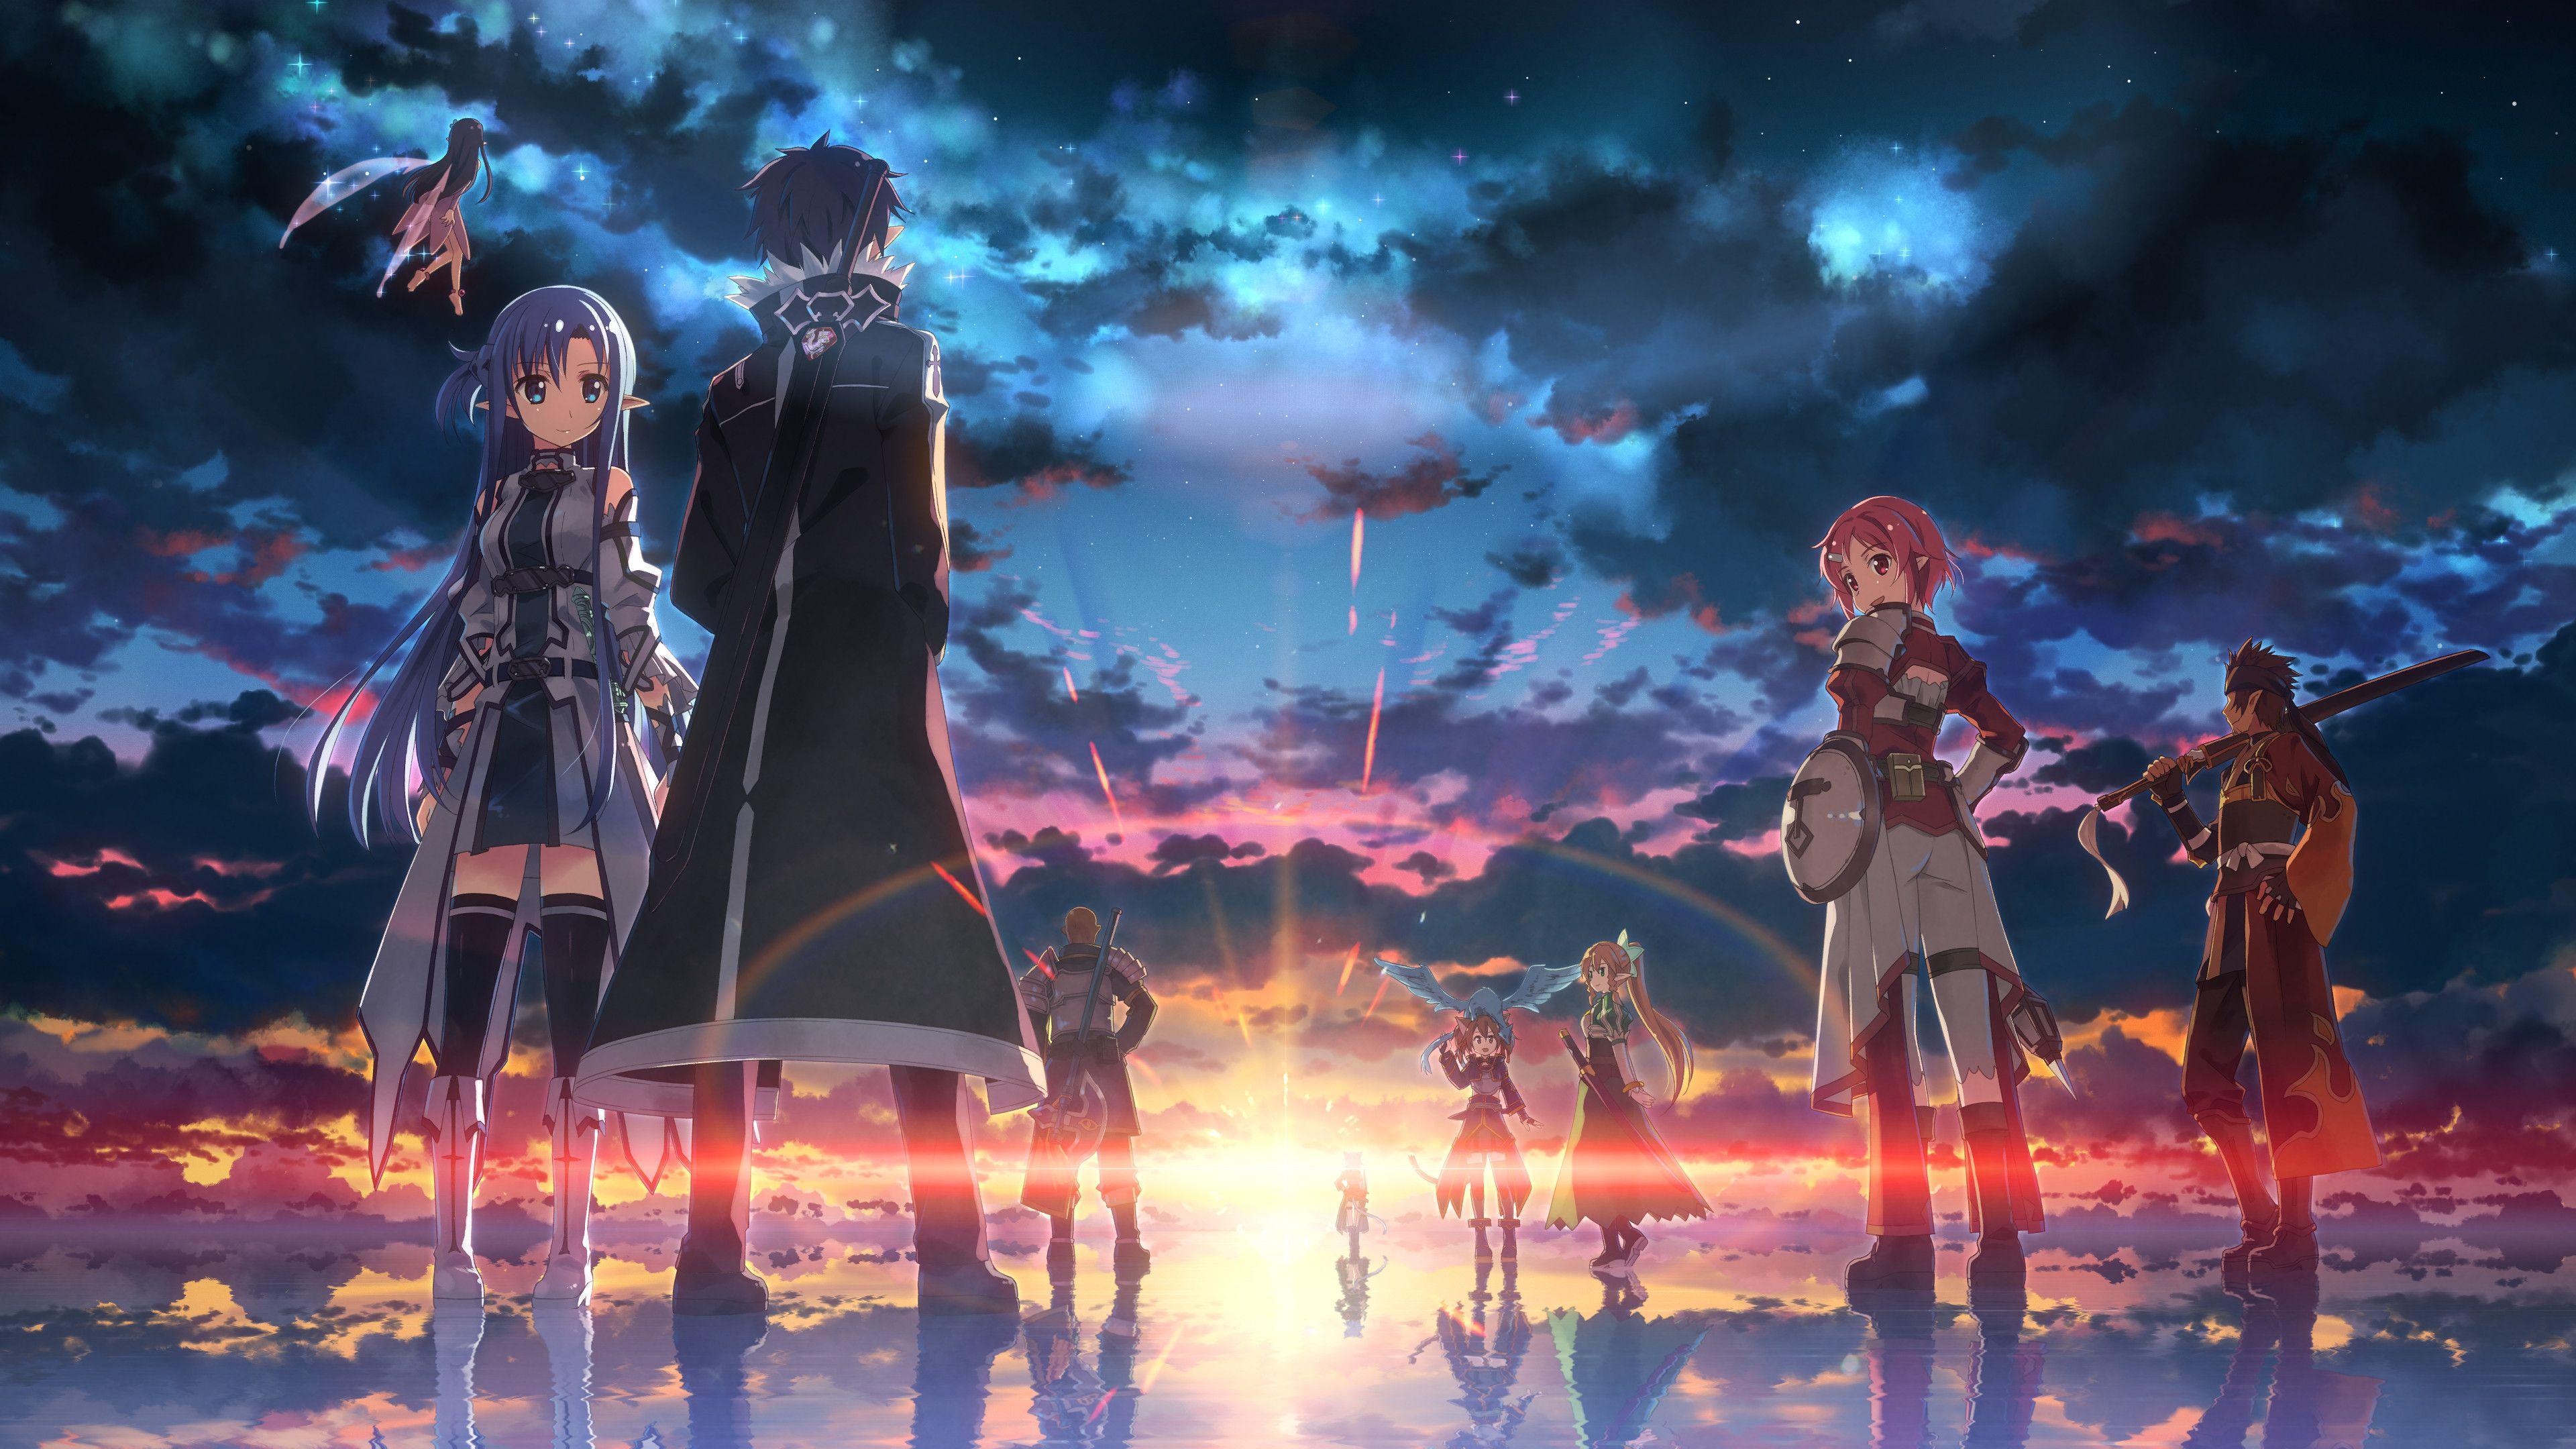 Lo-Fi Aesthetic Anime Wallpapers - Top Free Lo-Fi ...